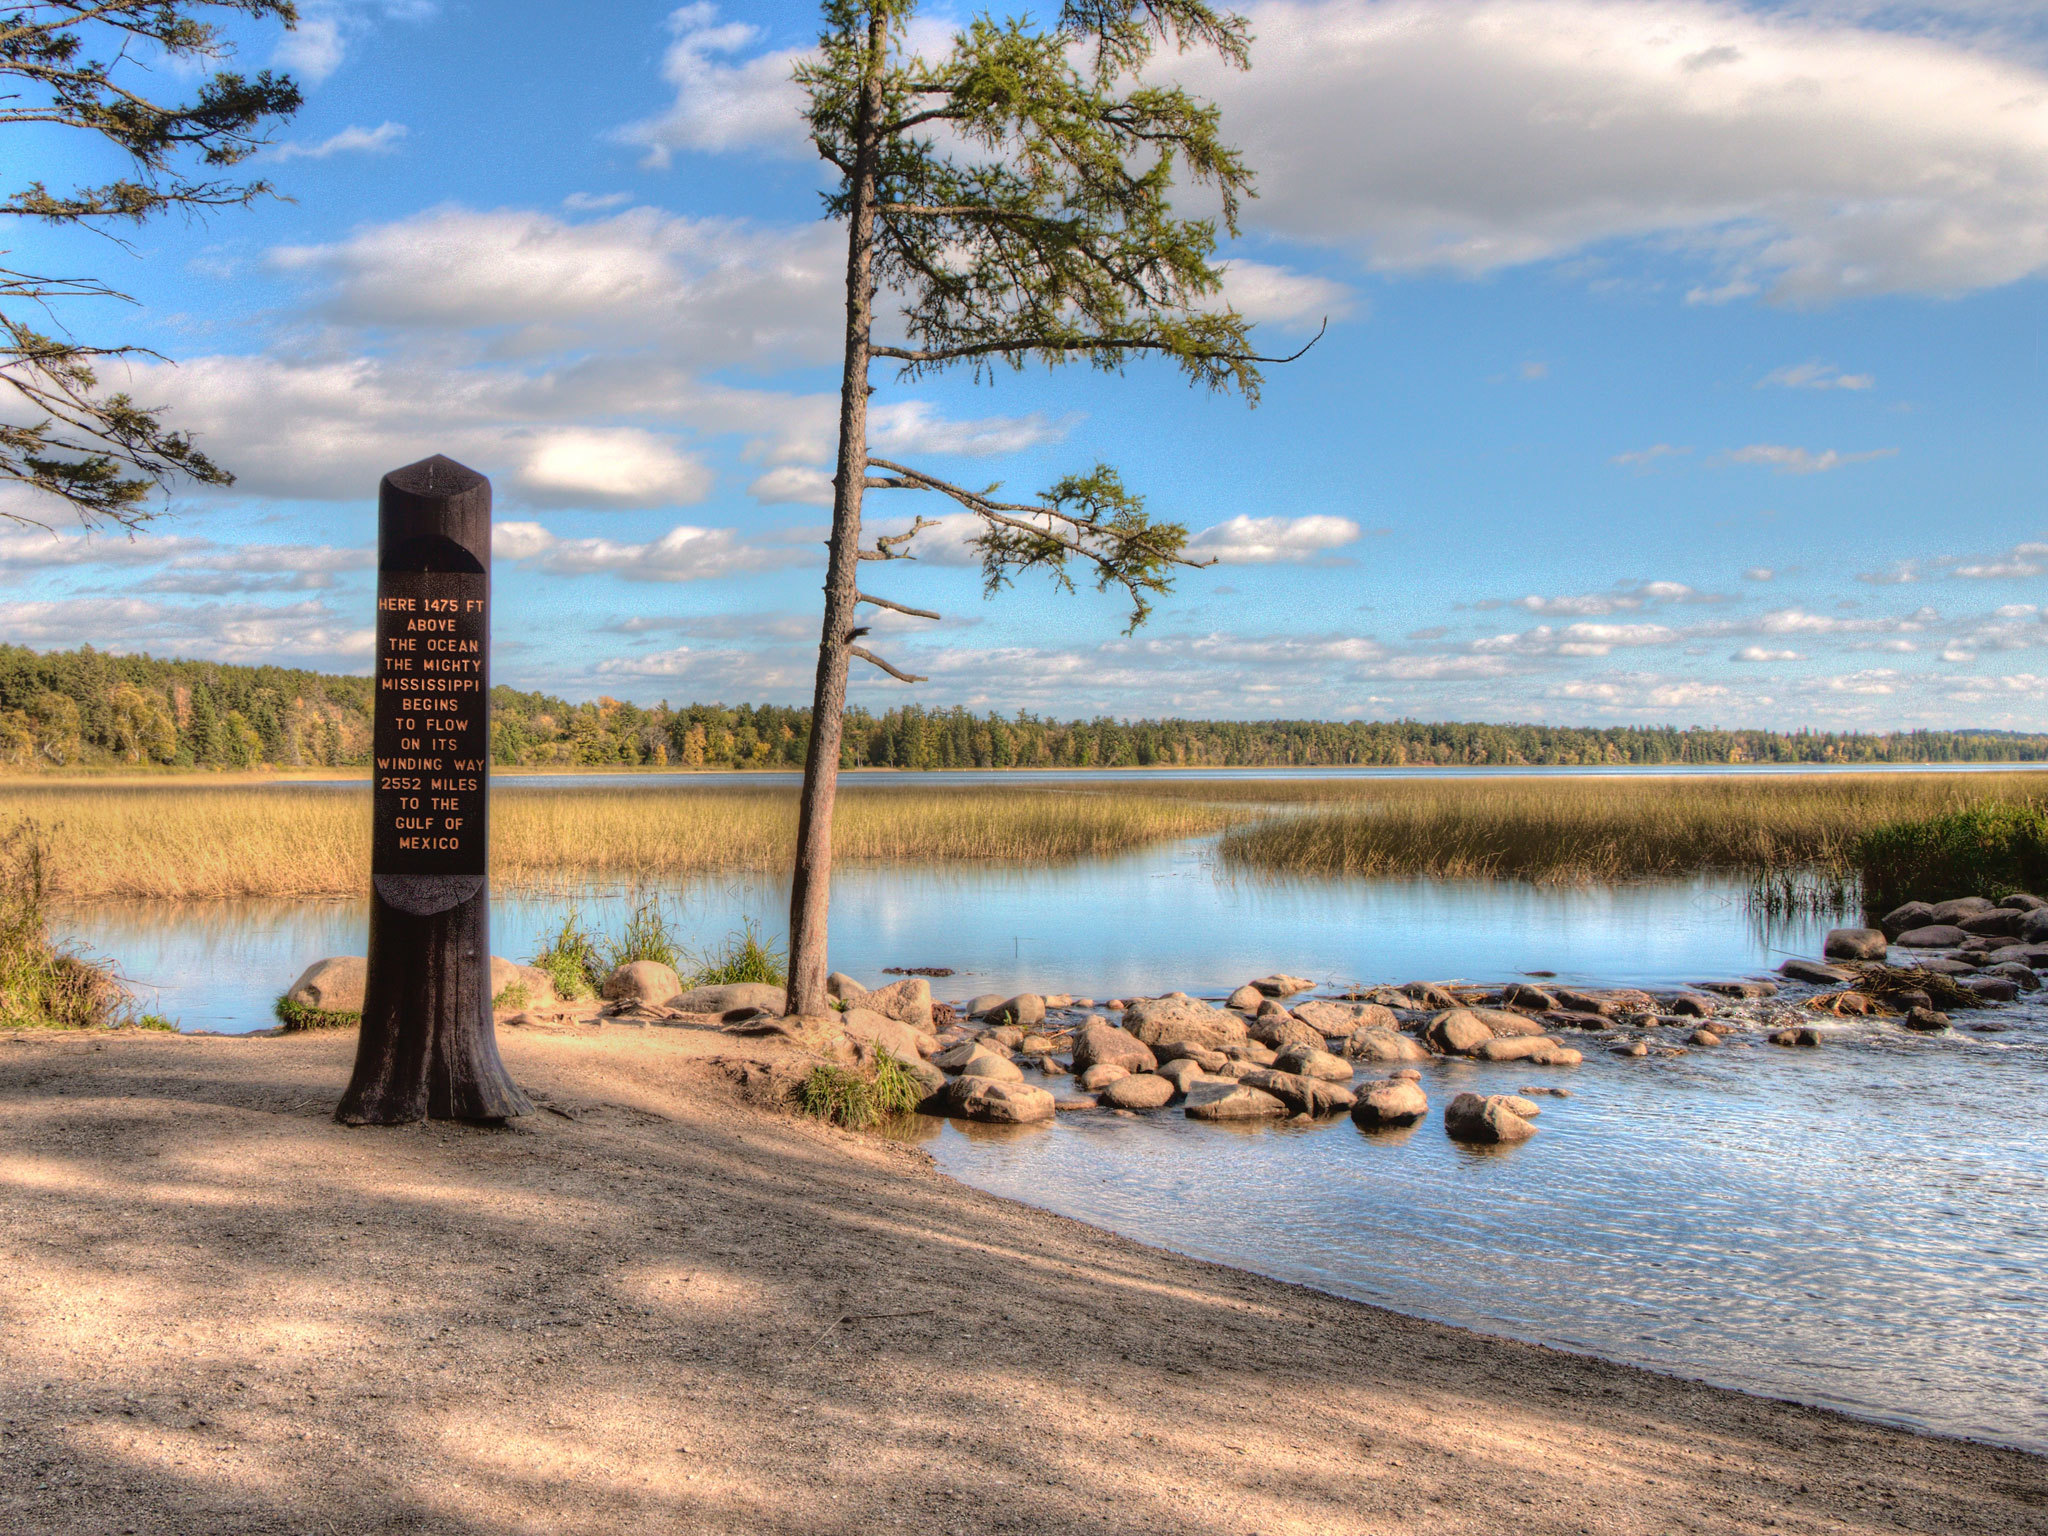 Itasca State Park - Minnesota - US